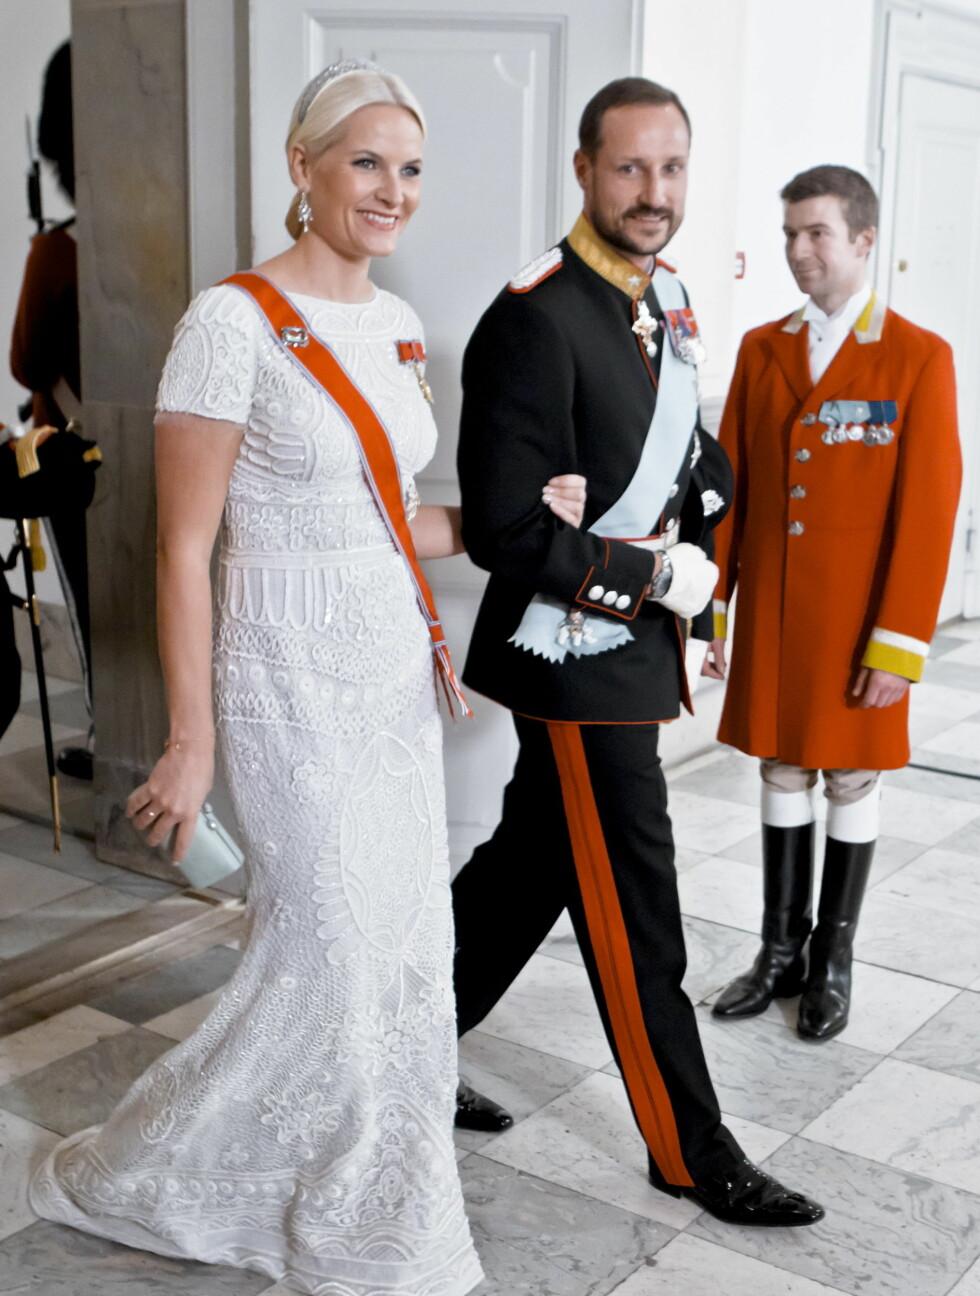 PUCCI-ELSKER: Da Dronning Margrethe av Danmark feirer 40 års-julileum som regent i januar i fjor, var det duket til gallamiddag på Christiansborg slott. Kronprinsesse Mette-Marit valgte en lekker perlebelagt kjole fra Pucci, designet av norske Peter Dun Foto: NTB scanpix